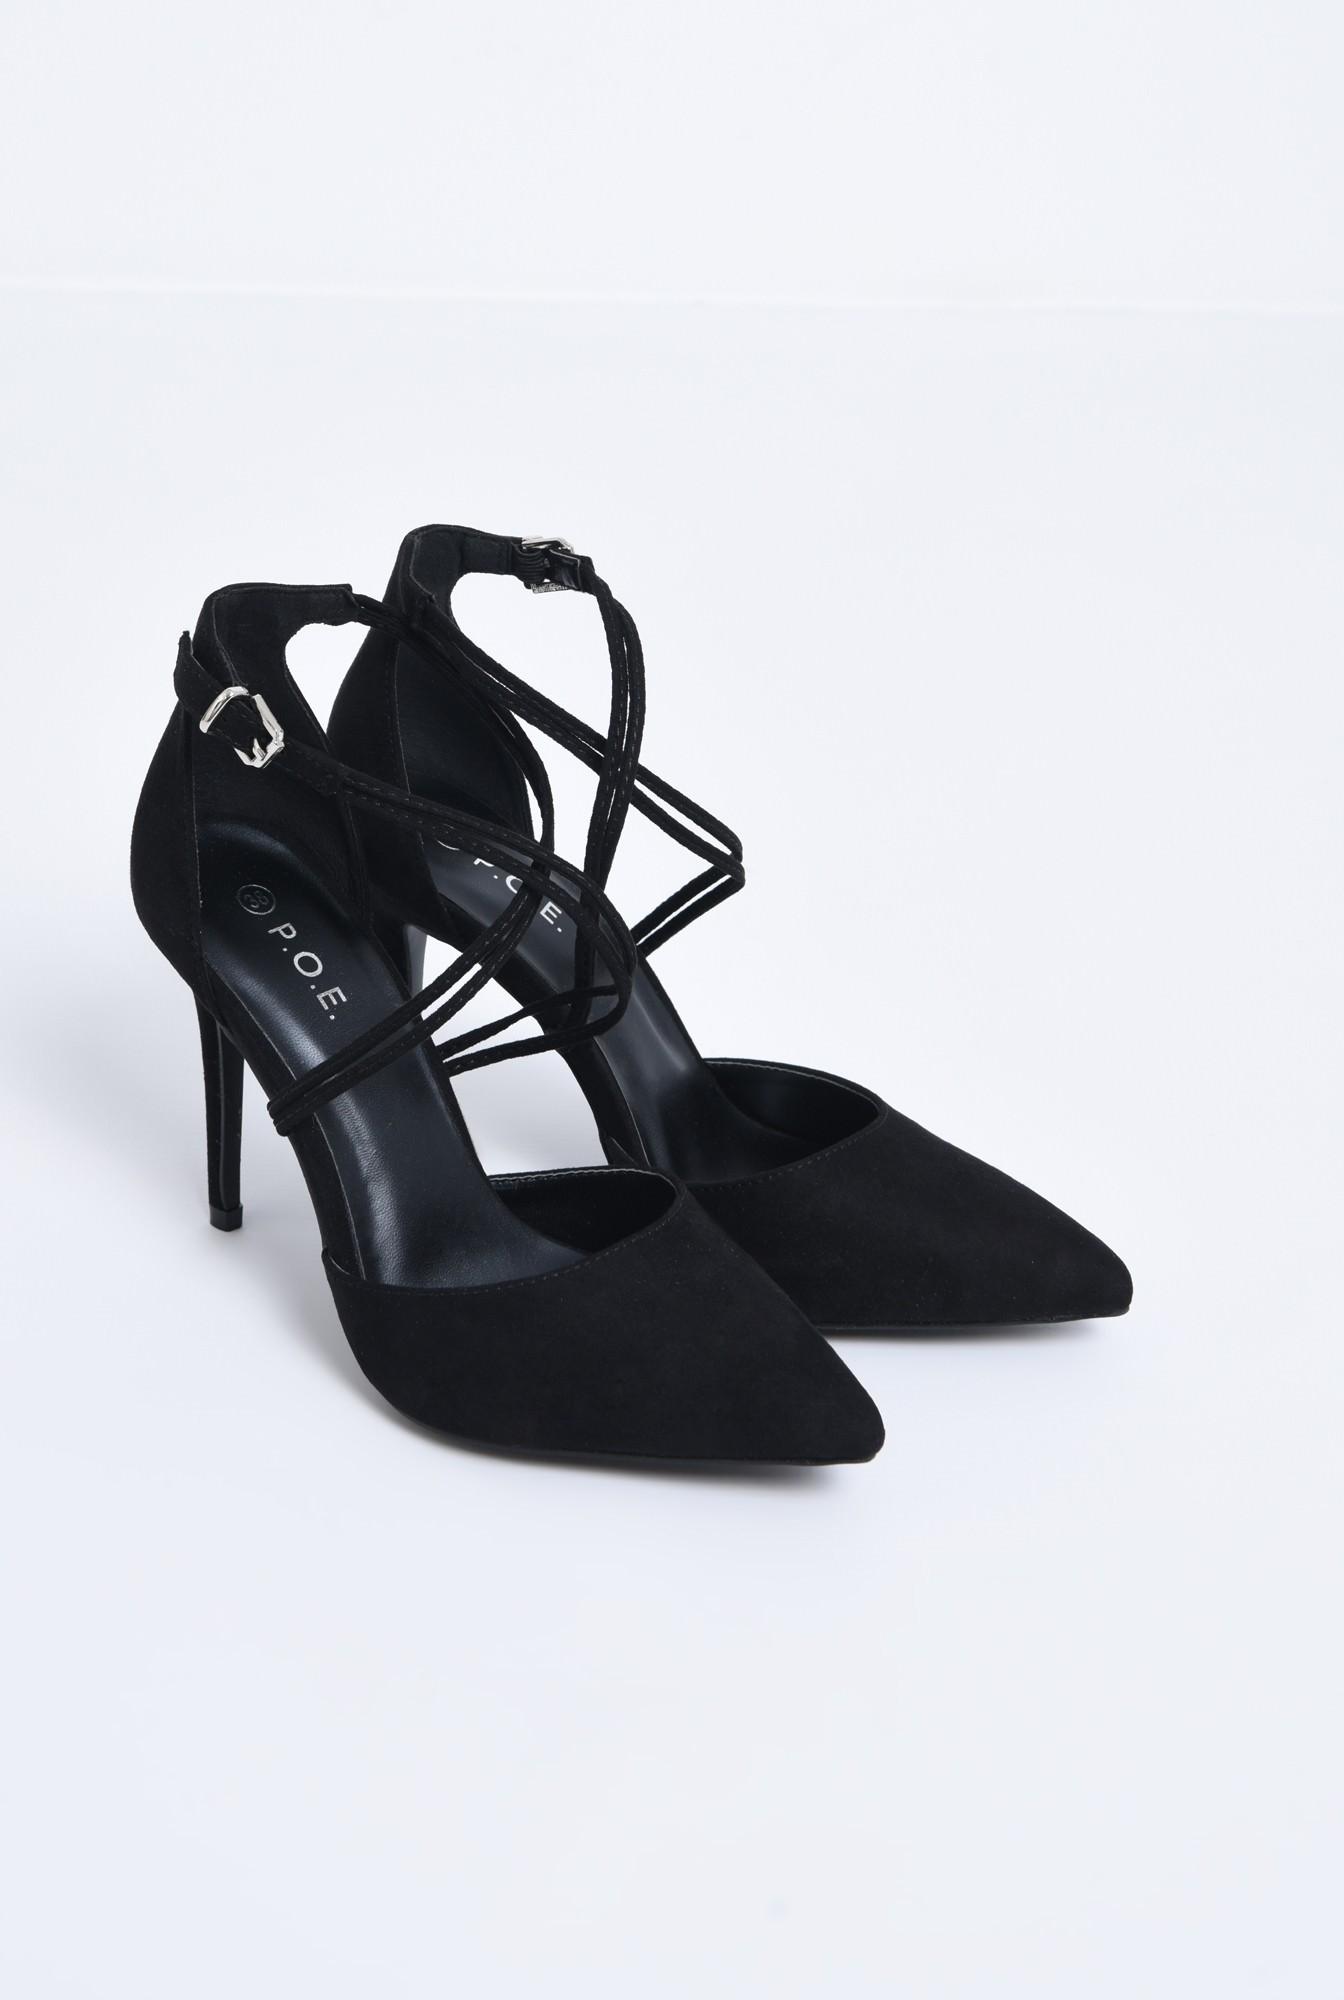 pantofi de ocazie, toc inalt, barete subtiri